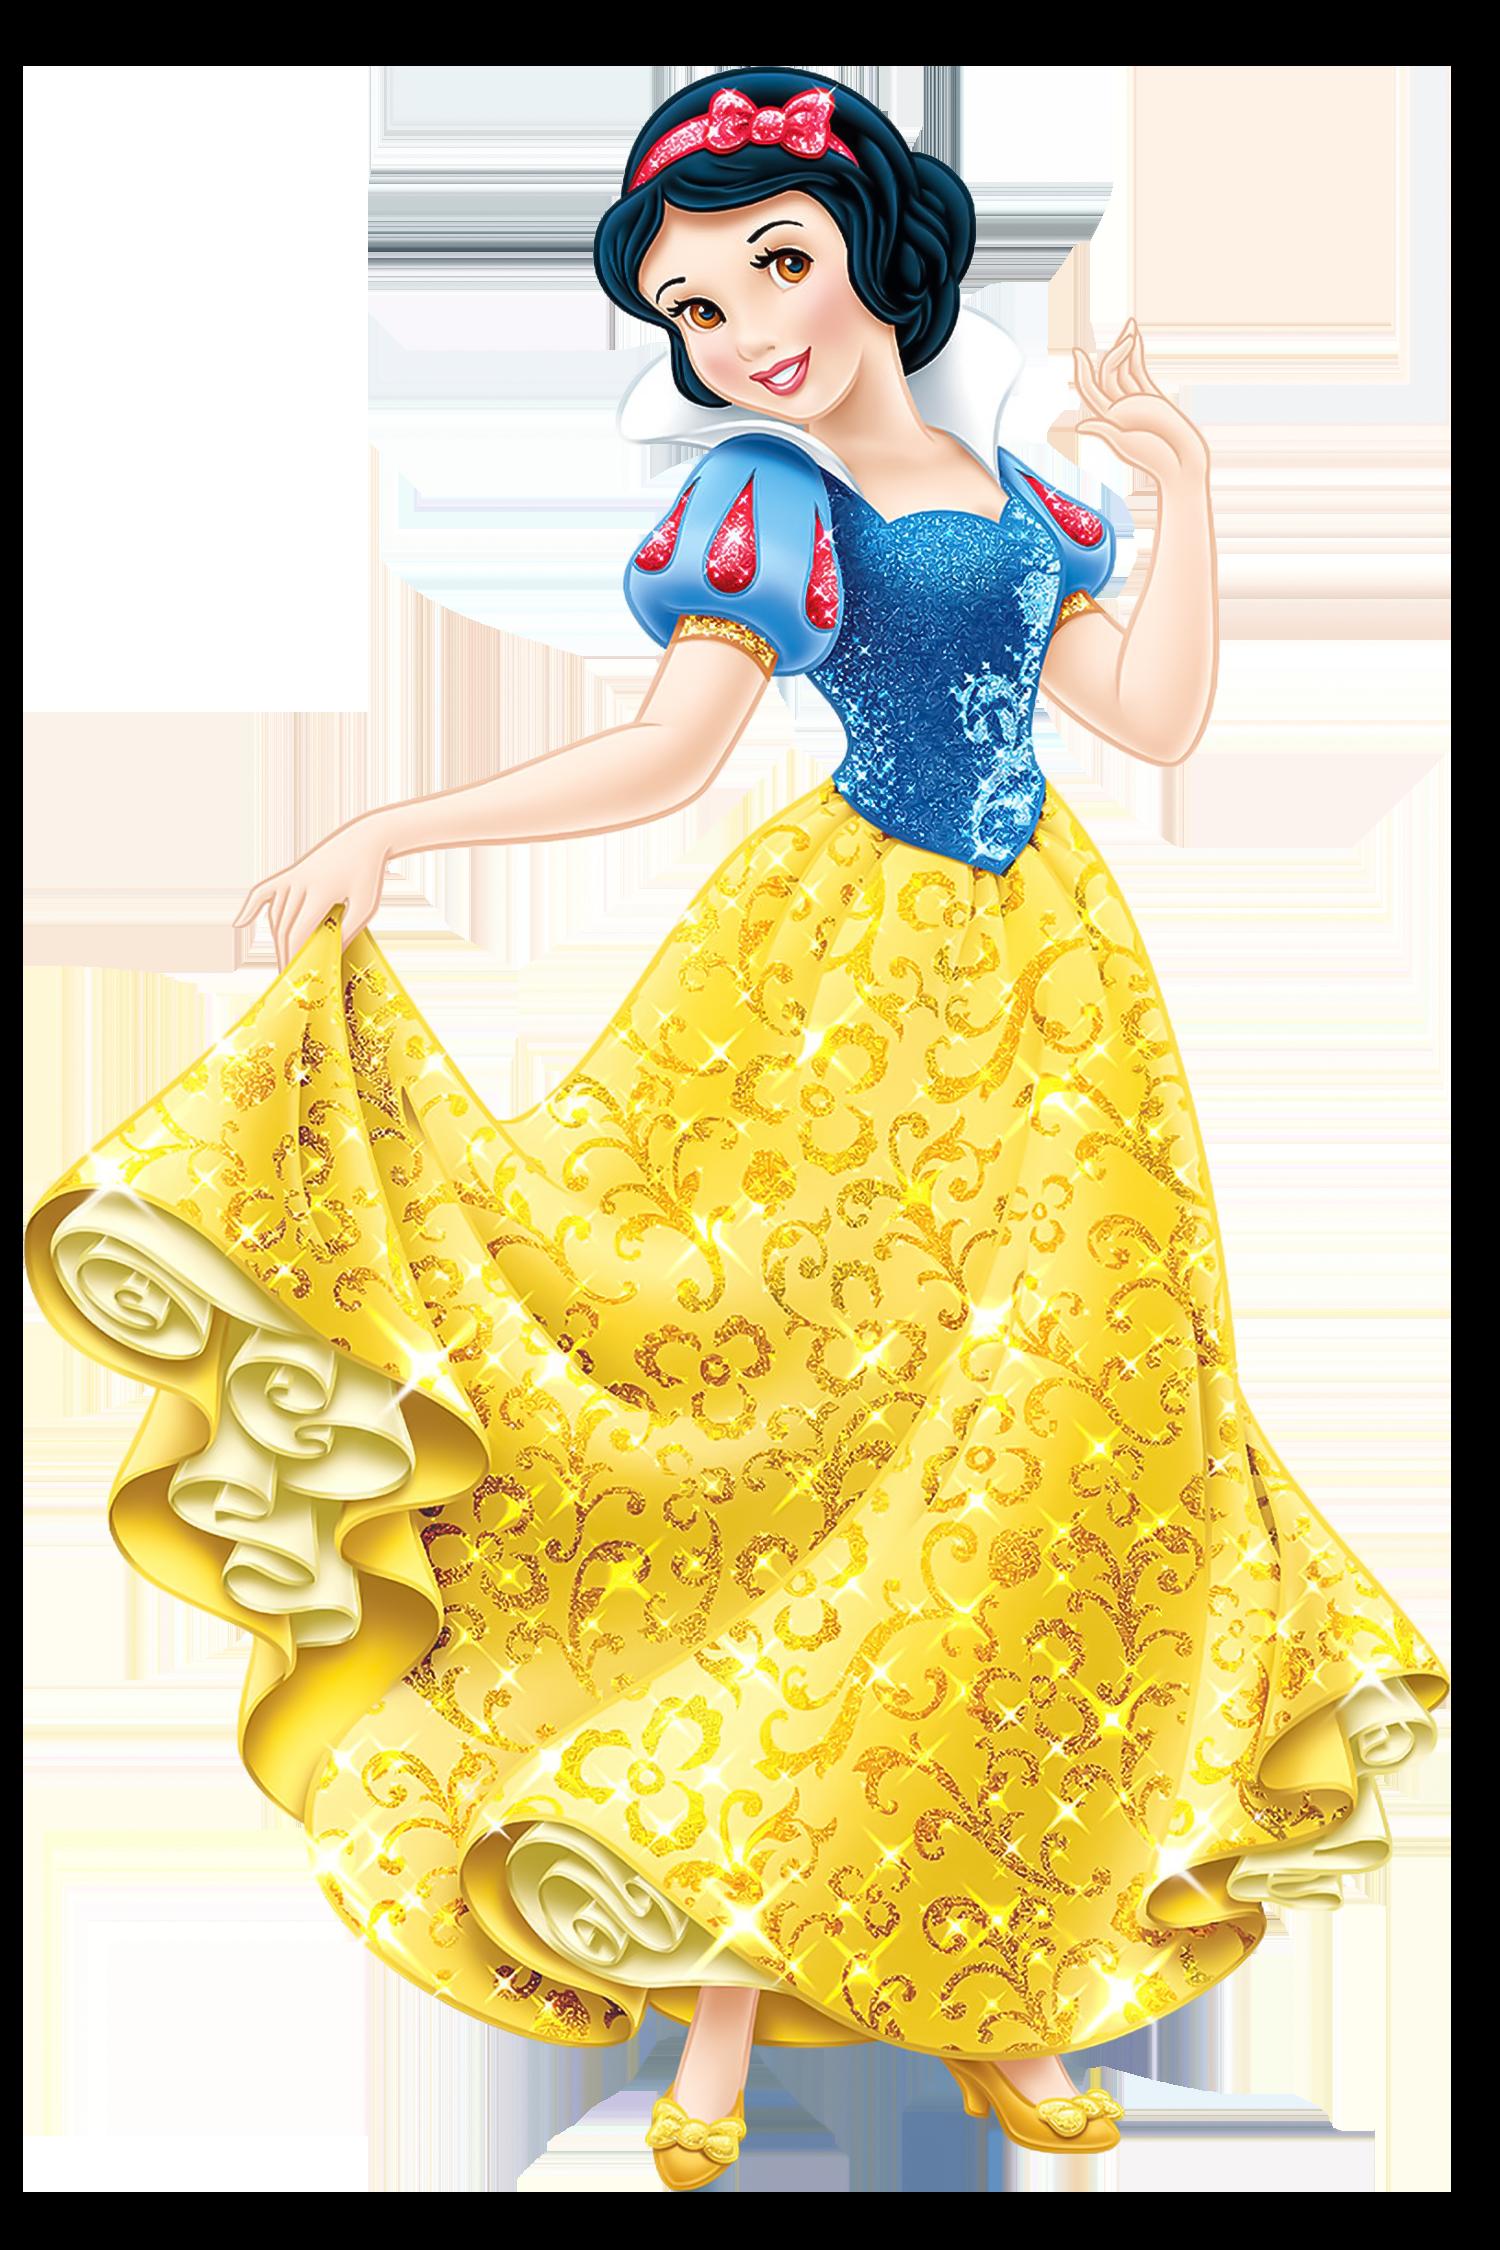 Snow White Disney Princess Snow White Disney Princess Images Snow White Disney